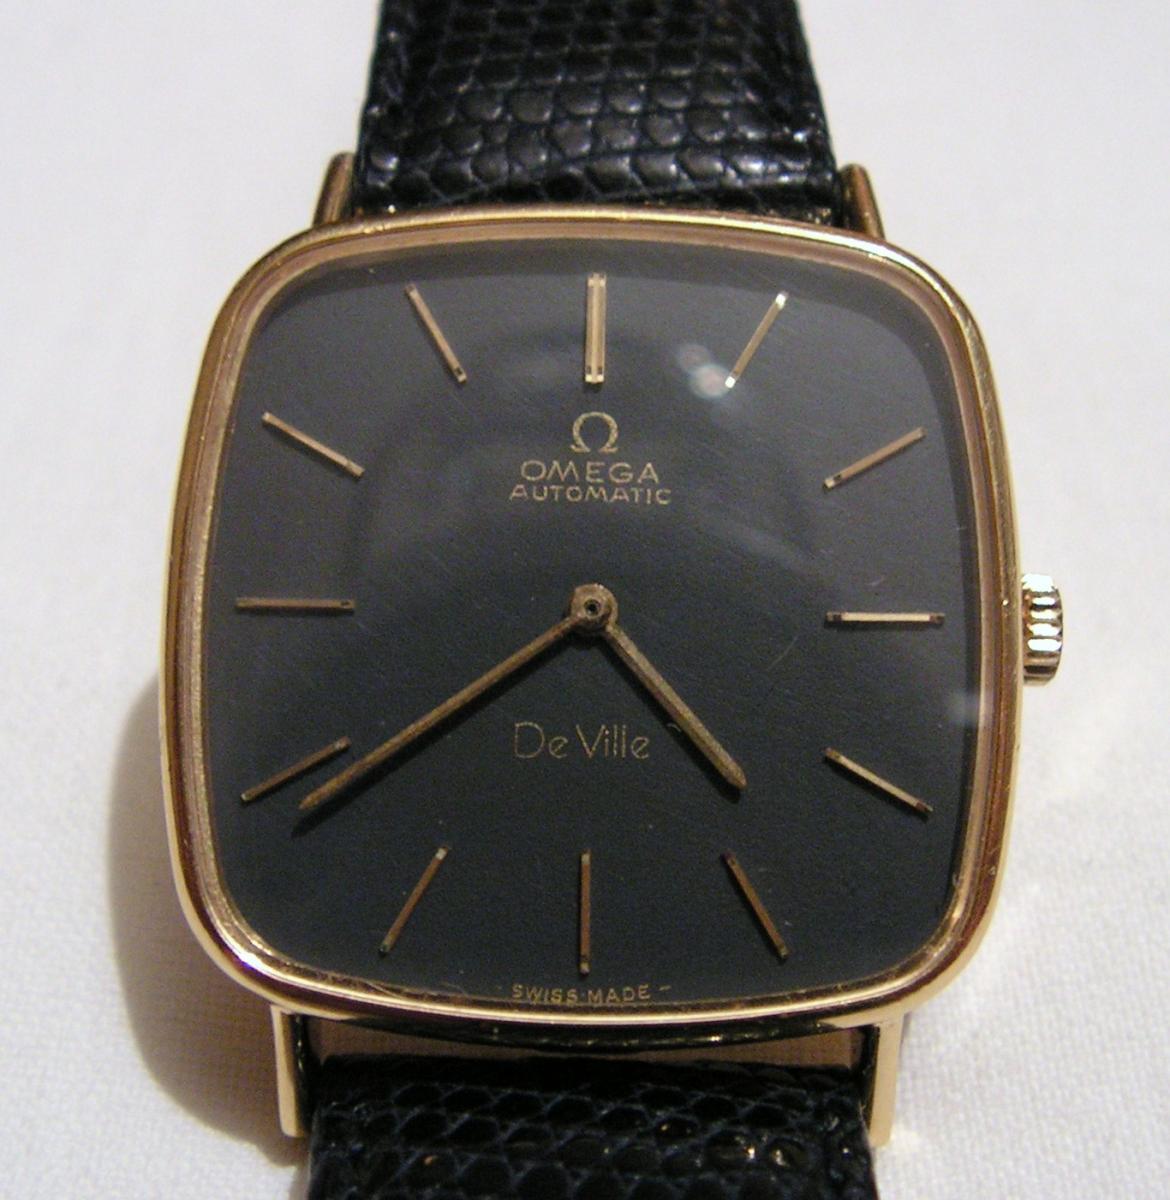 Omega De Ville Automatic Gold 18kt 750/000 Vintage Men's Watch